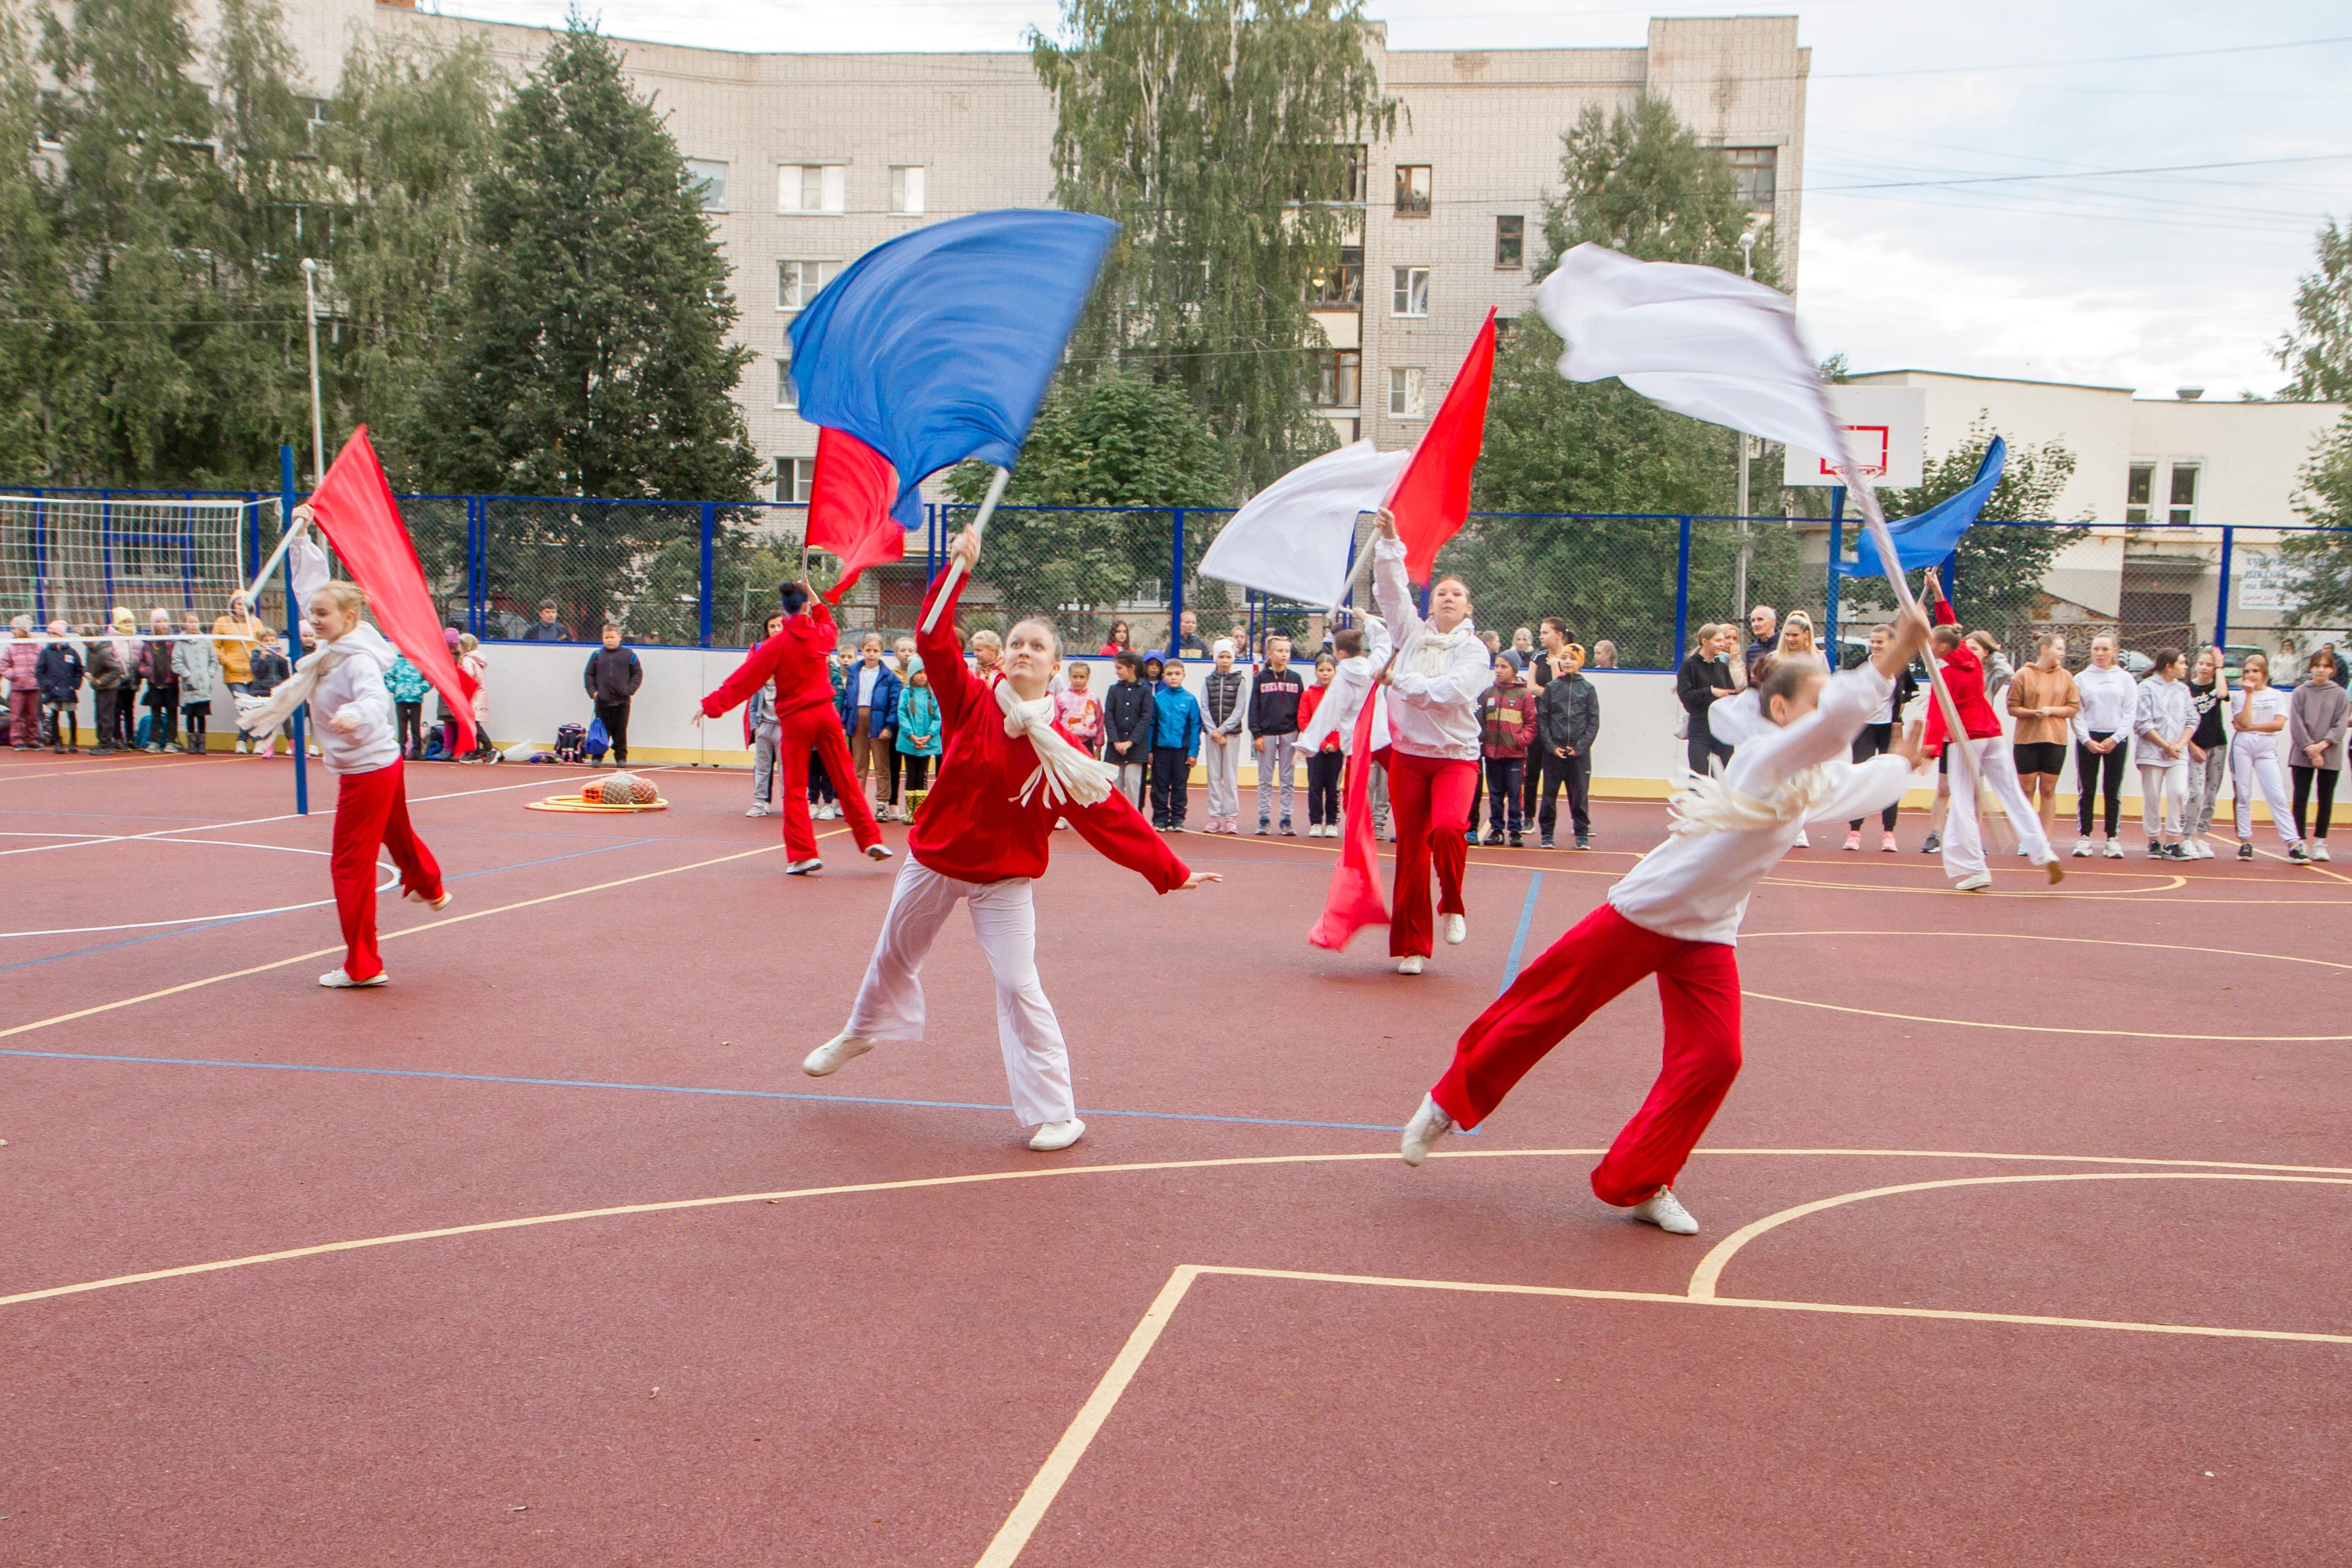 Строительство ФОКОТа началось в июле и шло под контролем городских властей, руководства школы и ТОС «Конева»